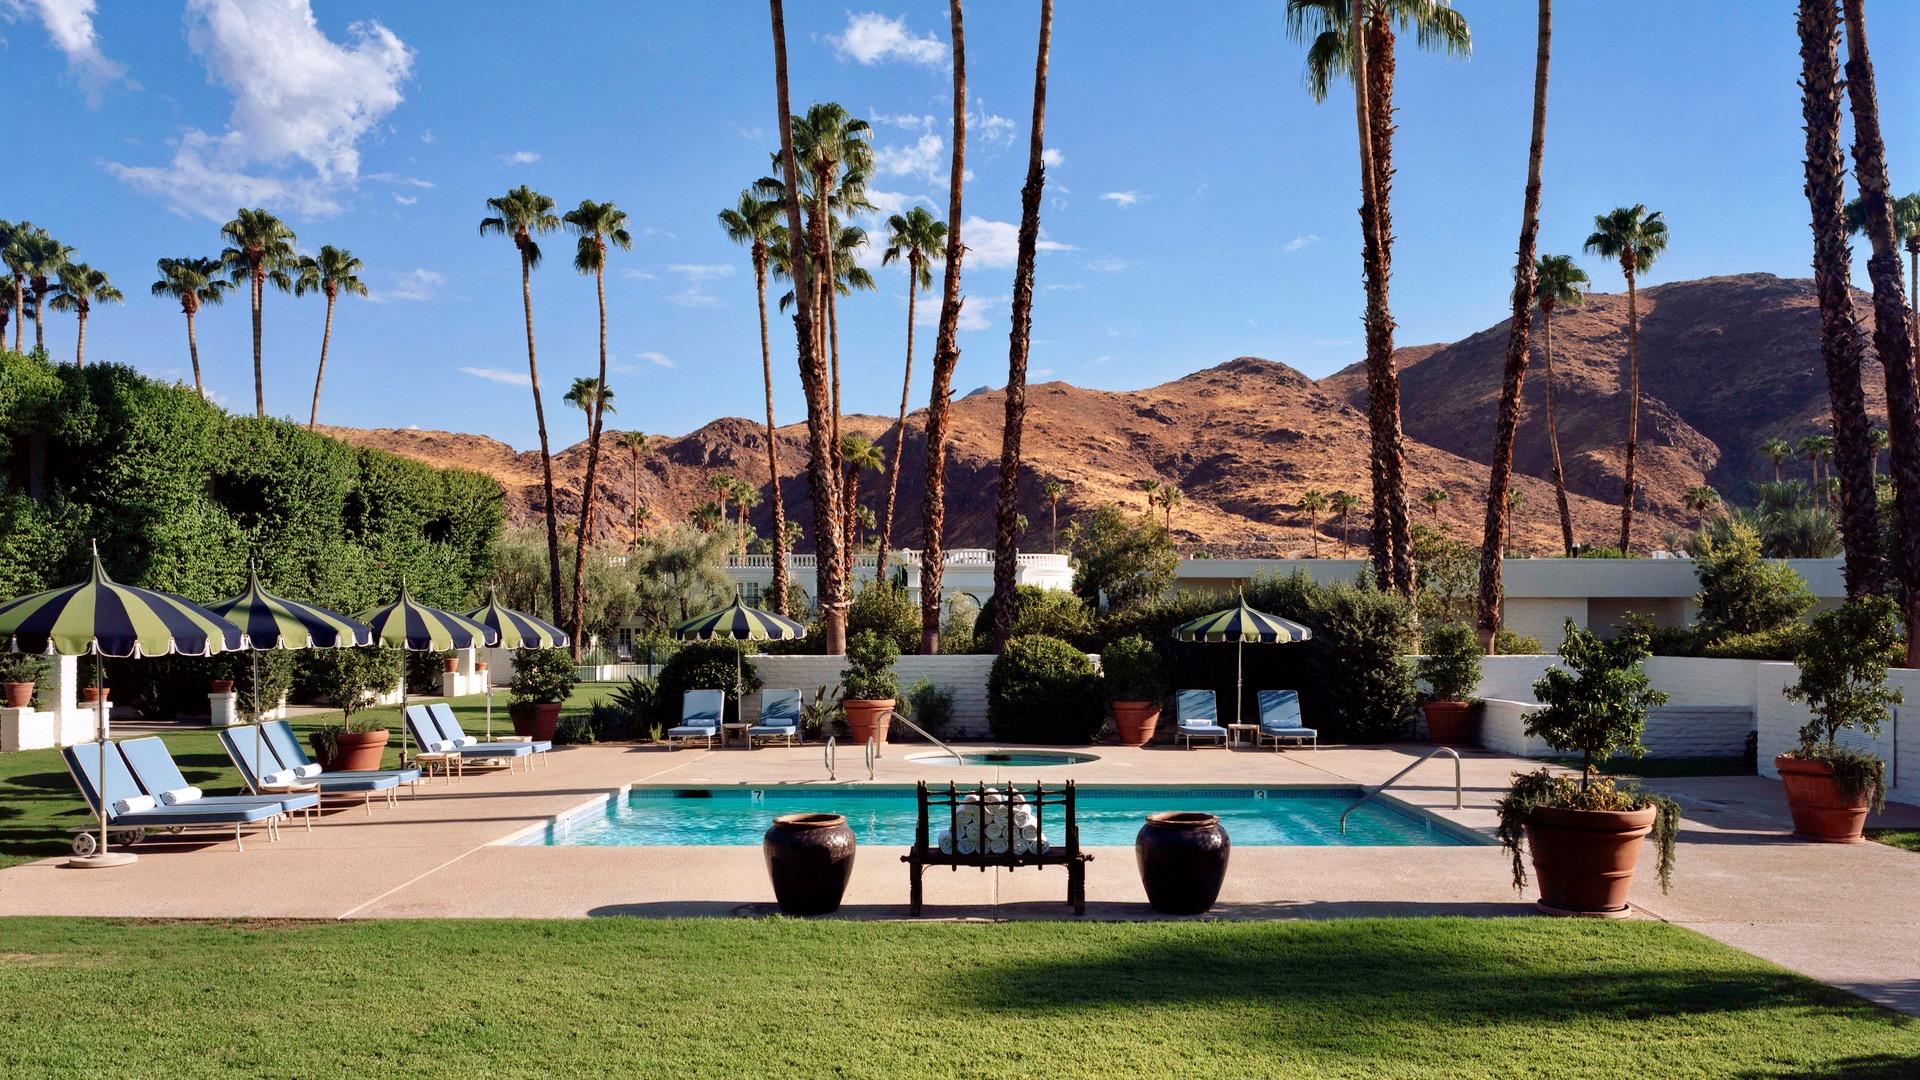 Desert paradise gay men's resort palm springs ca